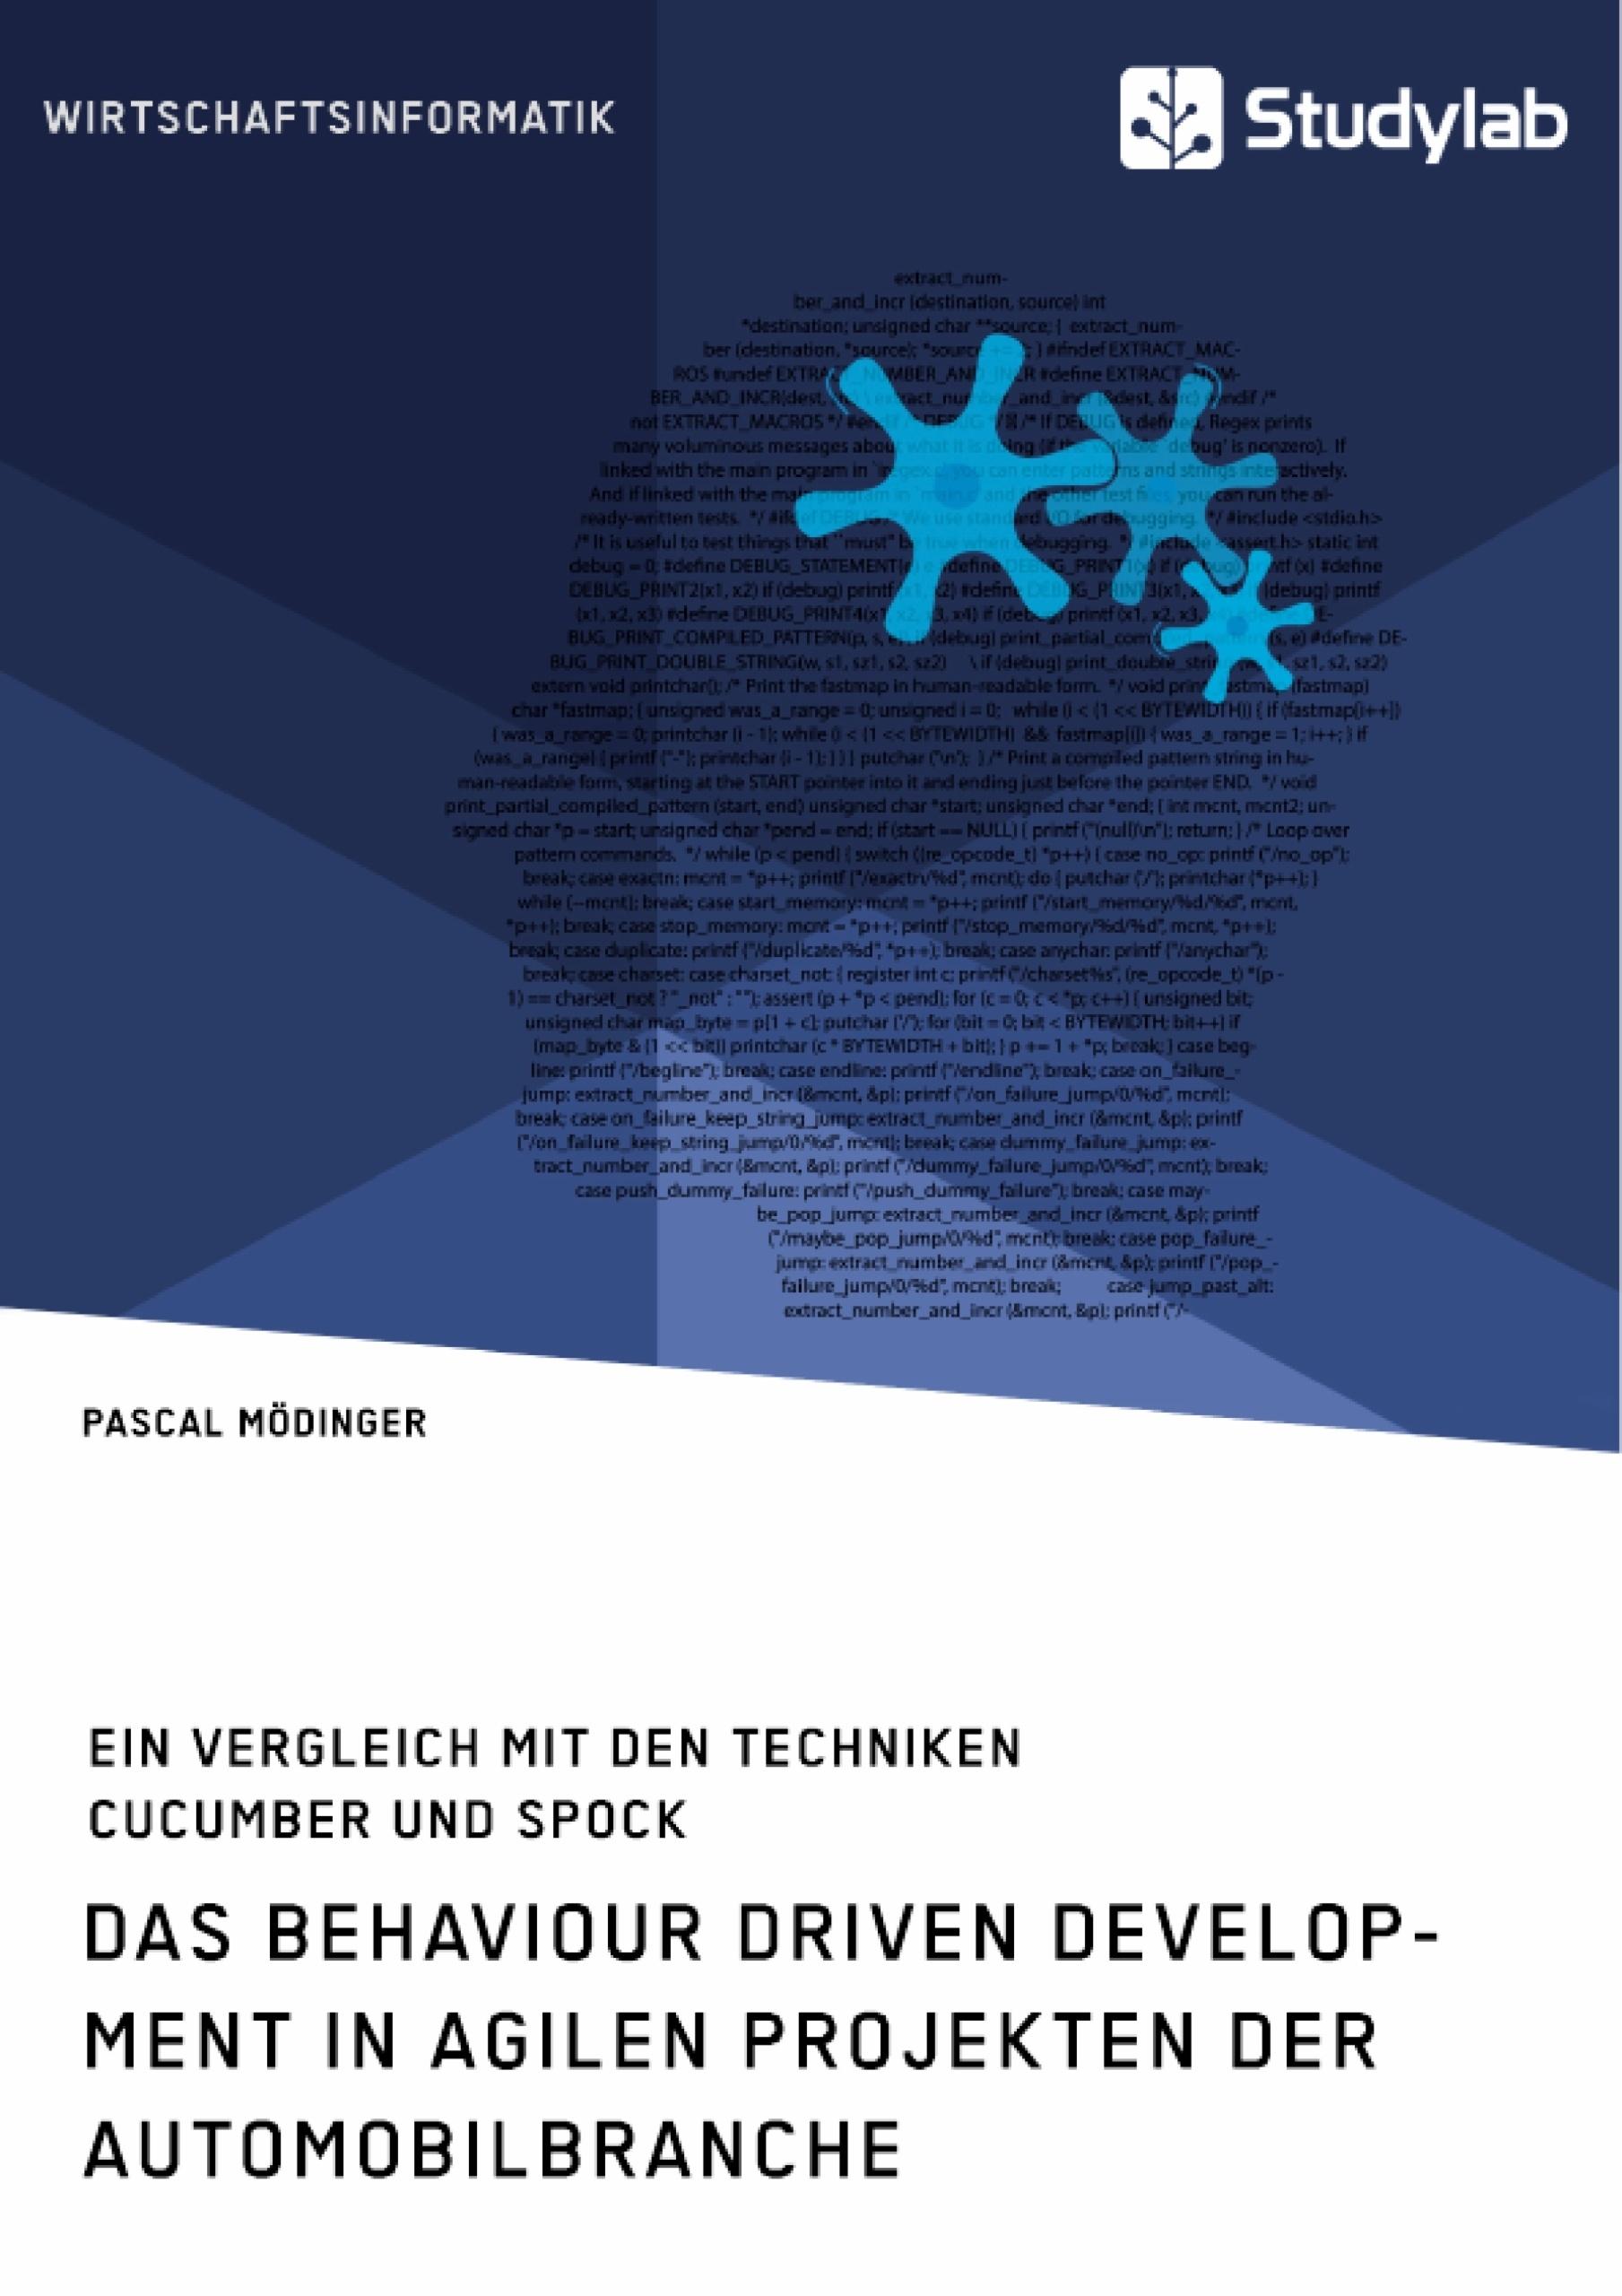 Titel: Das Behaviour Driven Development in agilen Projekten der Automobilbranche. Ein Vergleich mit den Techniken Cucumber und Spock